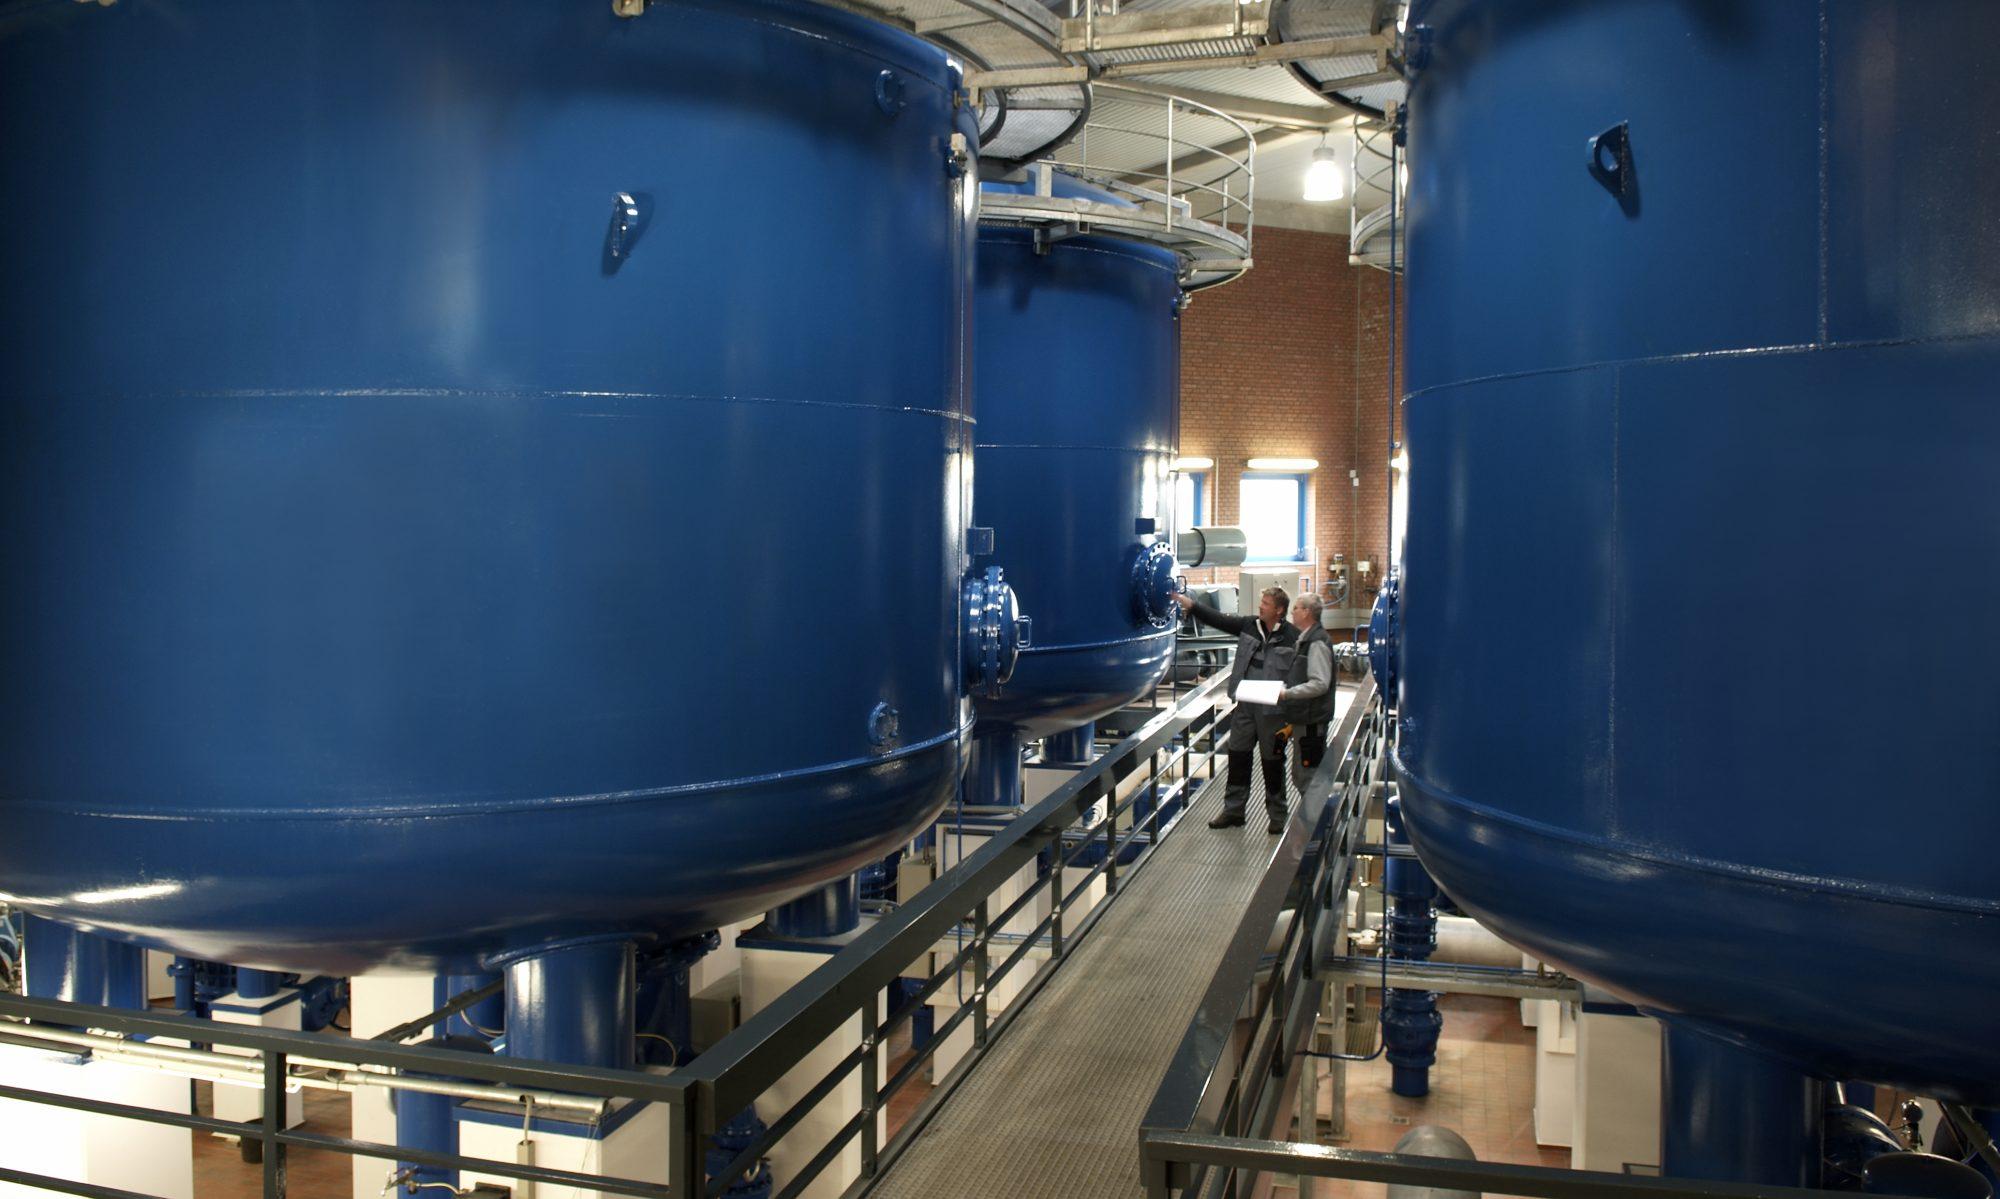 Zweckverband Wasserwerk Wacken